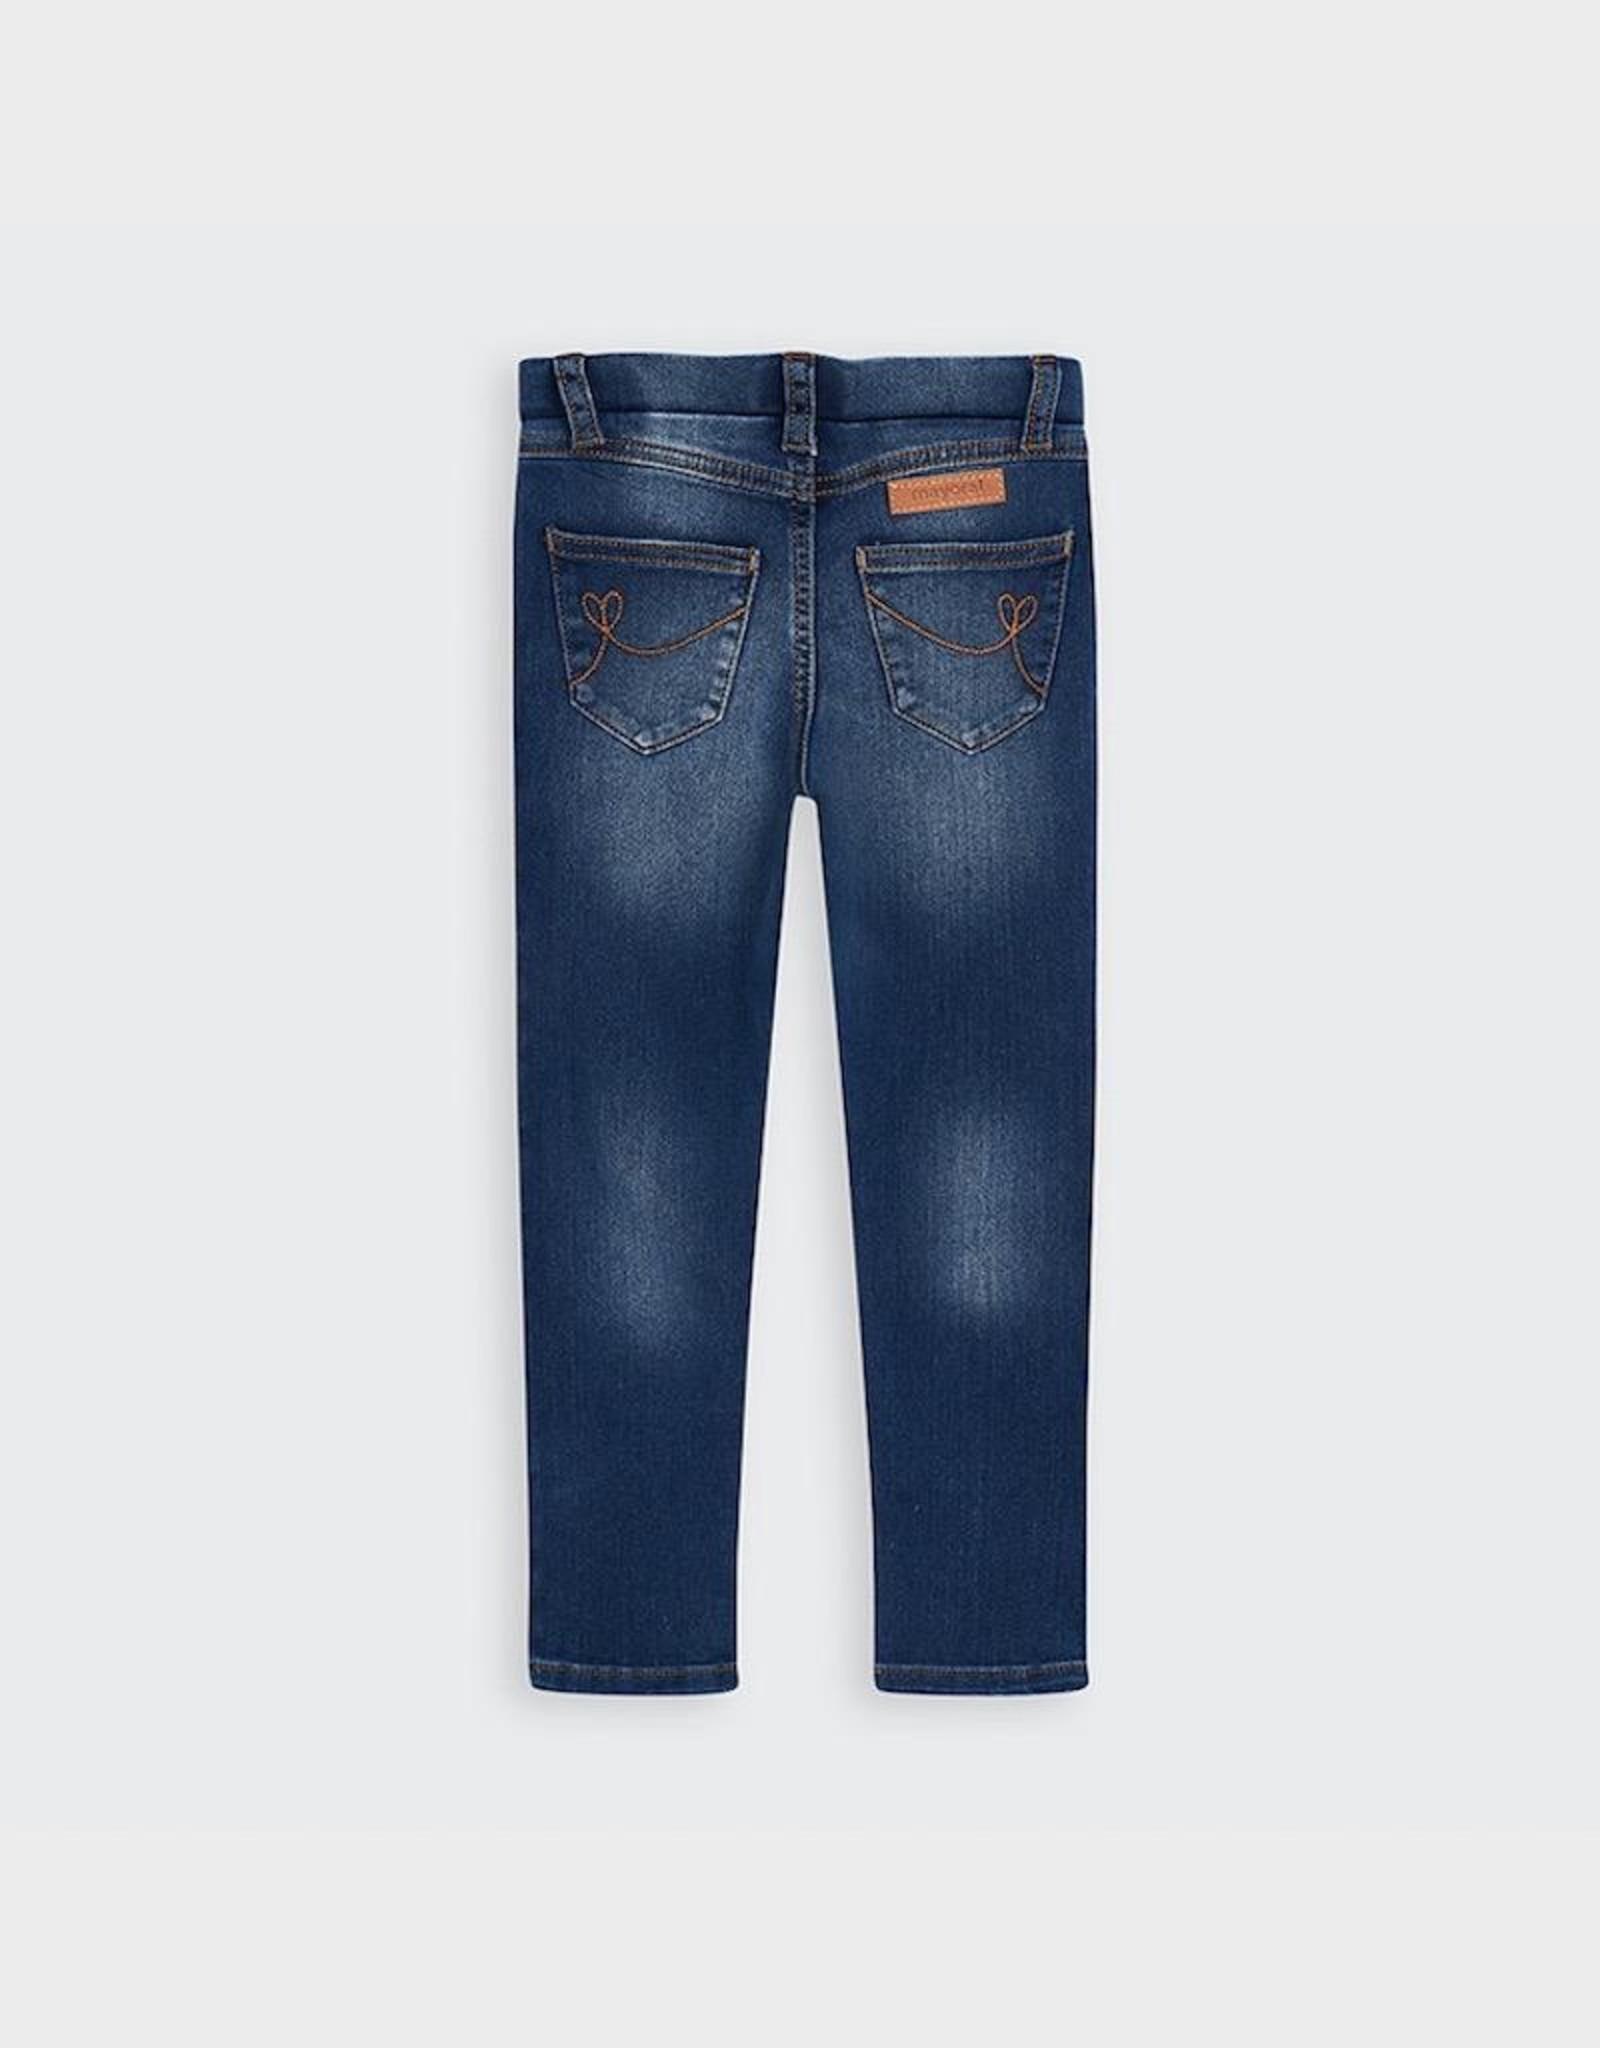 Mayoral Long Girl's Denim Pants in Basic denim